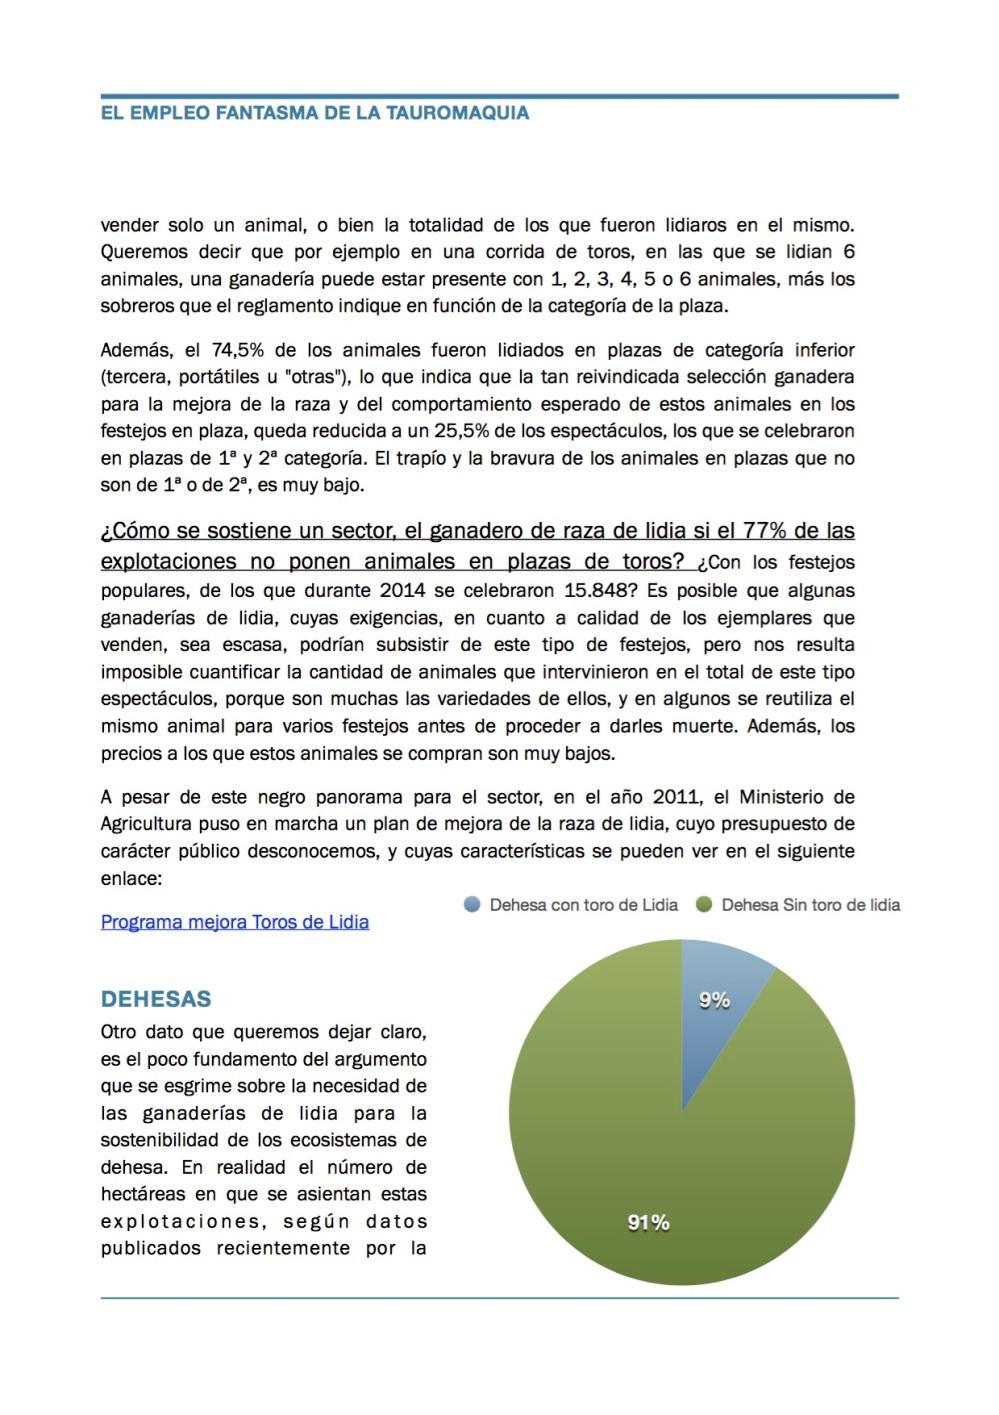 dossierempleoytauromaquia-8